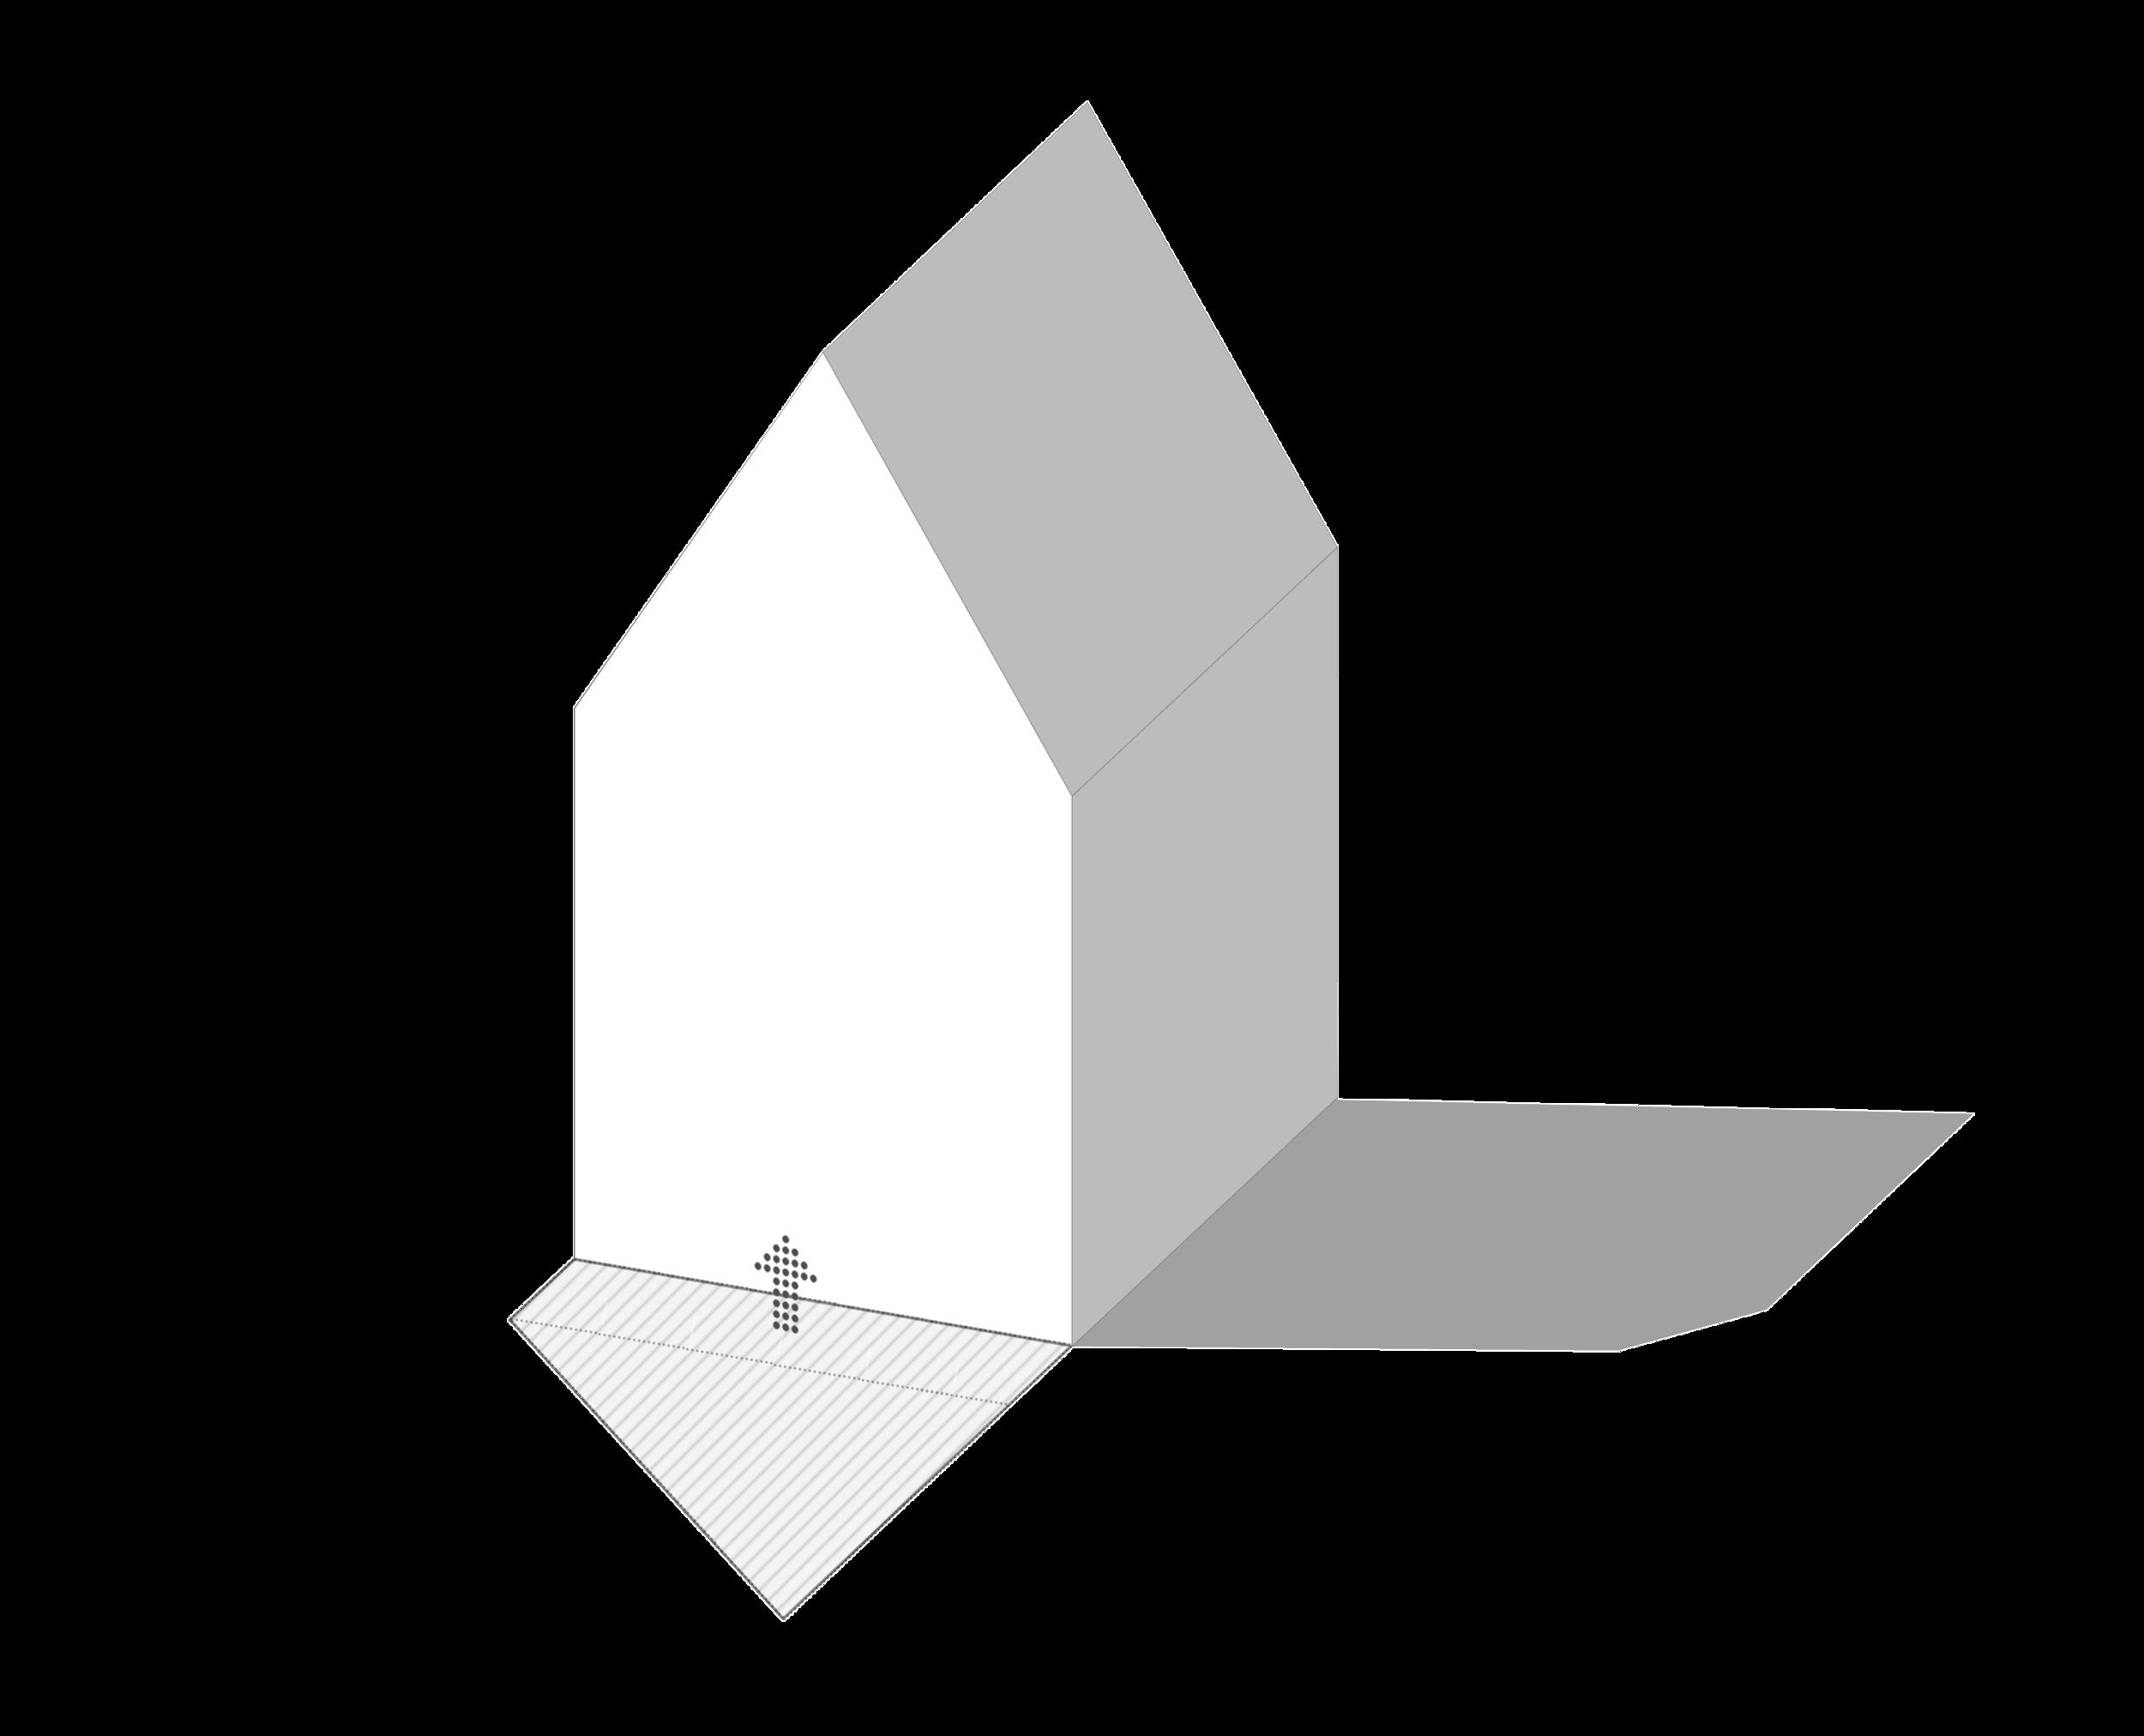 De footprint volgt uit de restruimte die reeds is gemarkeerd in de bestrating